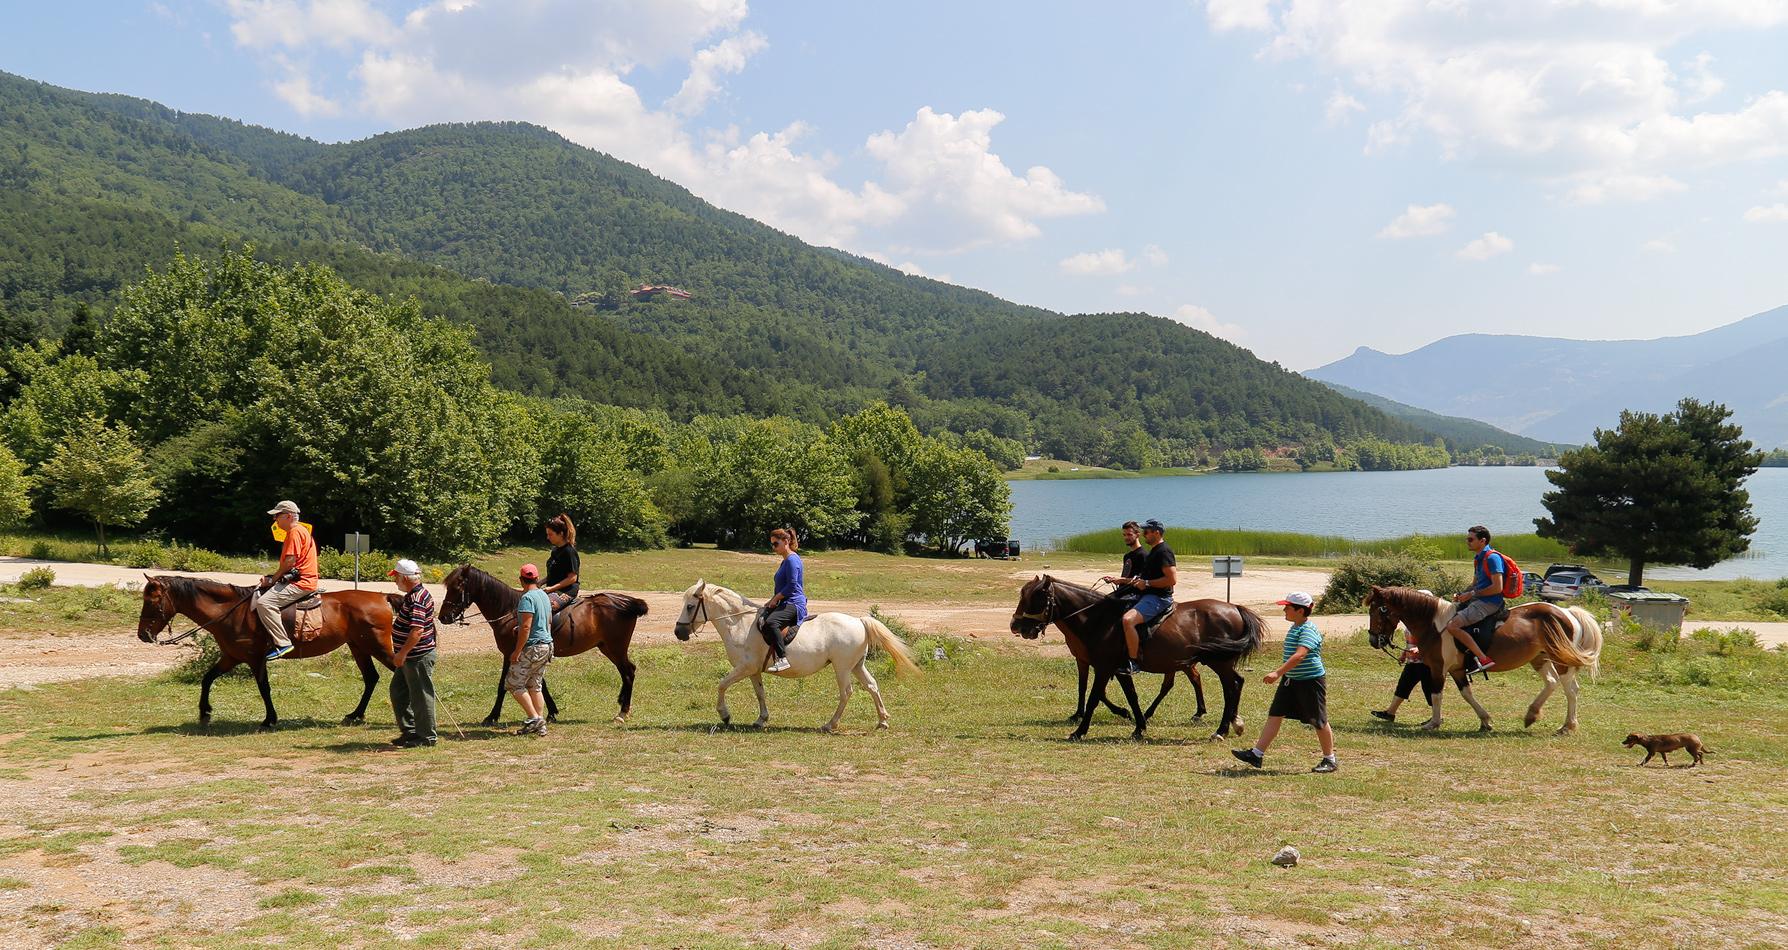 Κάναμε βόλτα με άλογα...